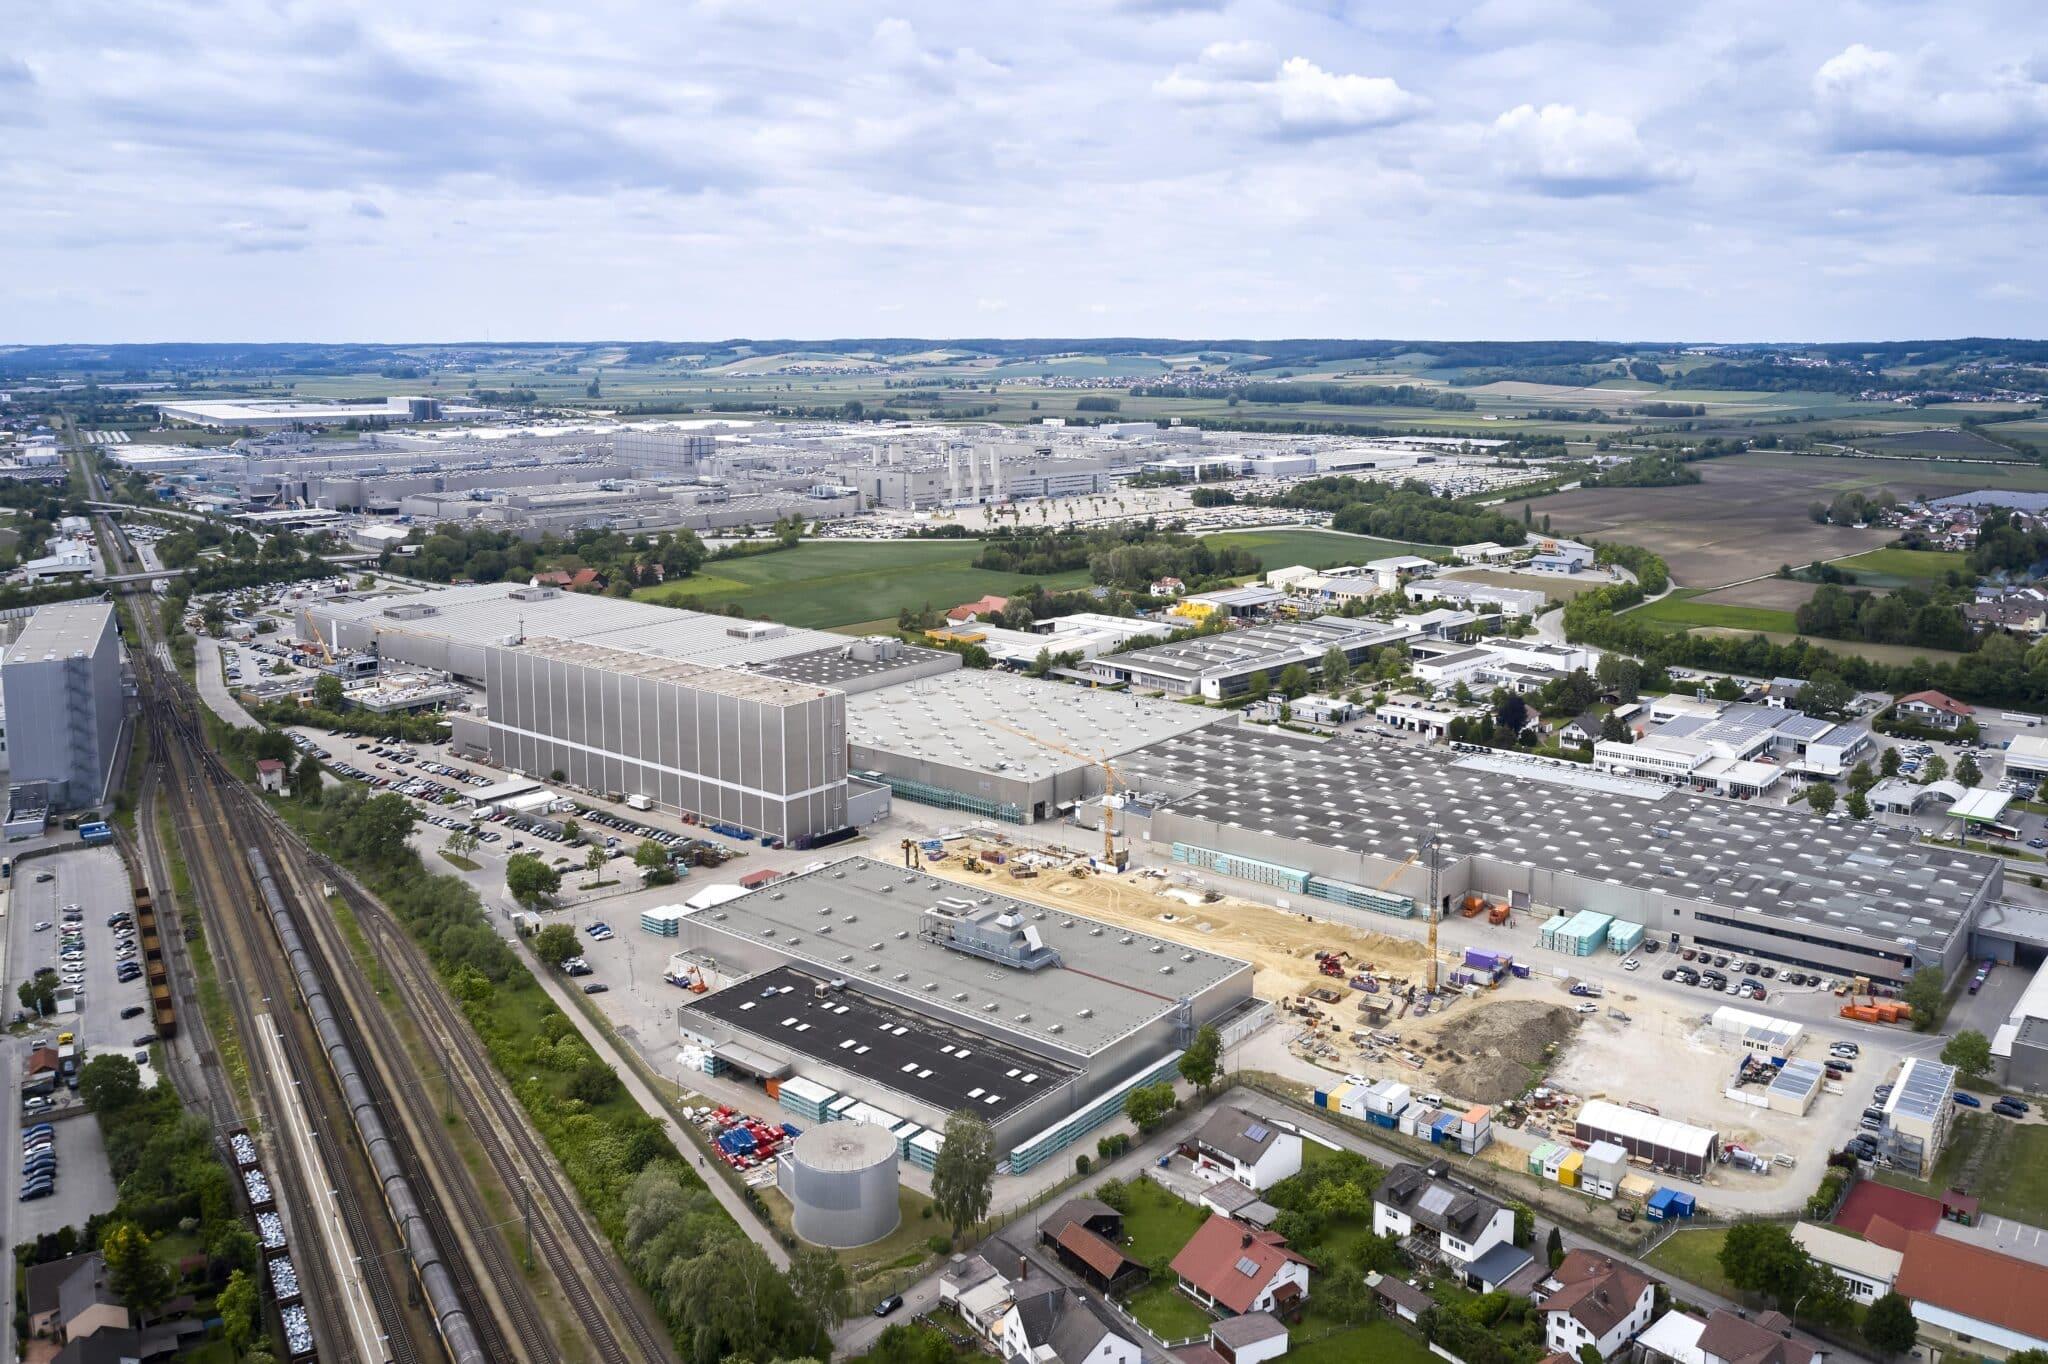 BMW Group beschleunigt Elektromobilität | P90392509 highRes min scaled